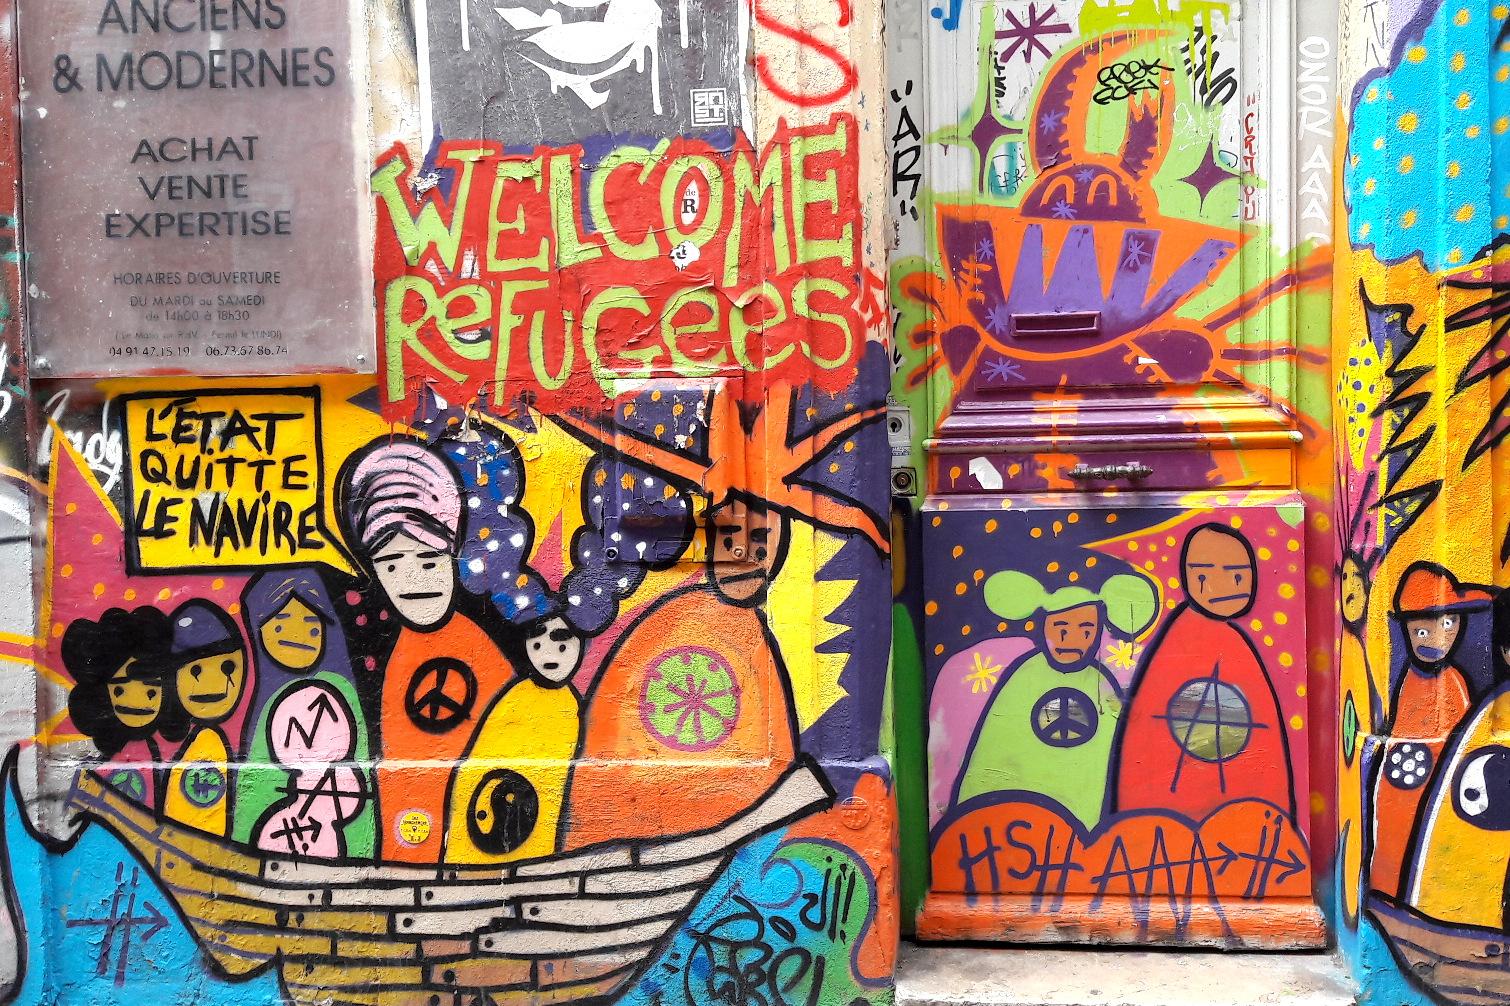 Vue d'une fresque de Street Art à Marseille